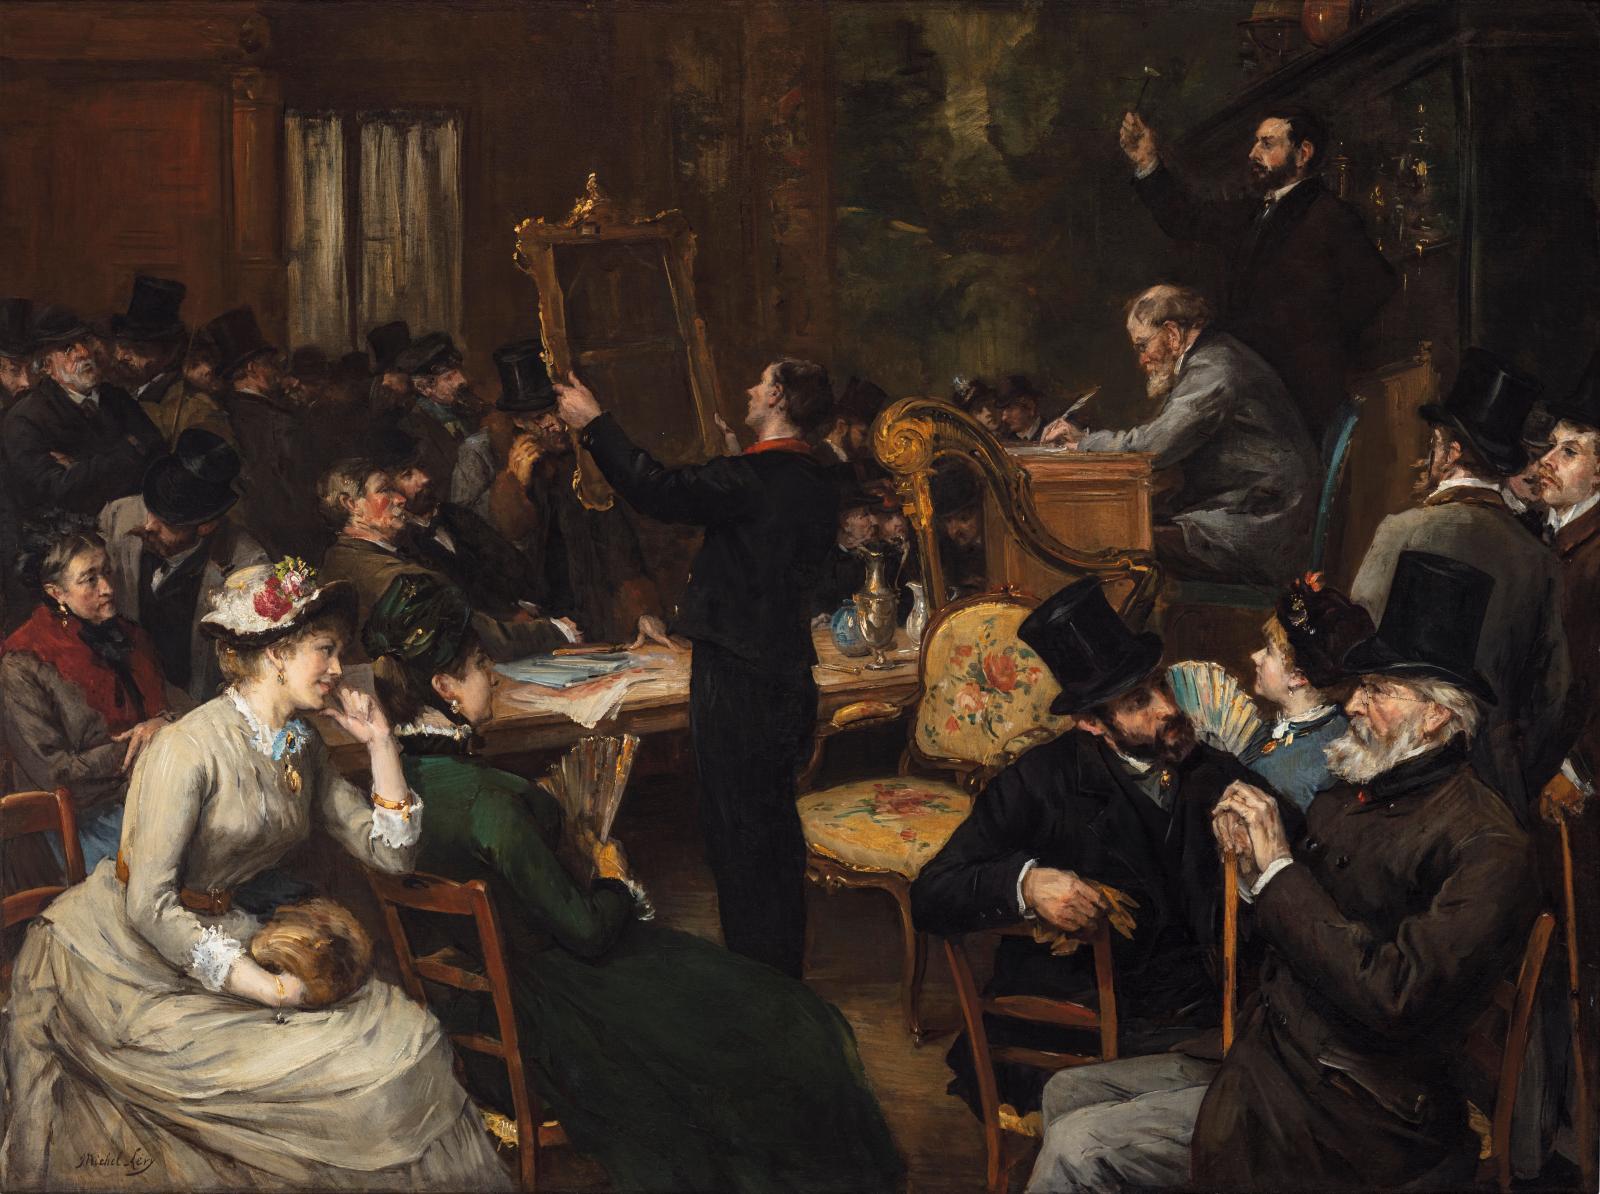 Henri Michel-Lévy (1844-1914), La Vente publique, huile sur toile, 99x131,4cm. Tableau présenté au salon Fine Arts Paris 2019.